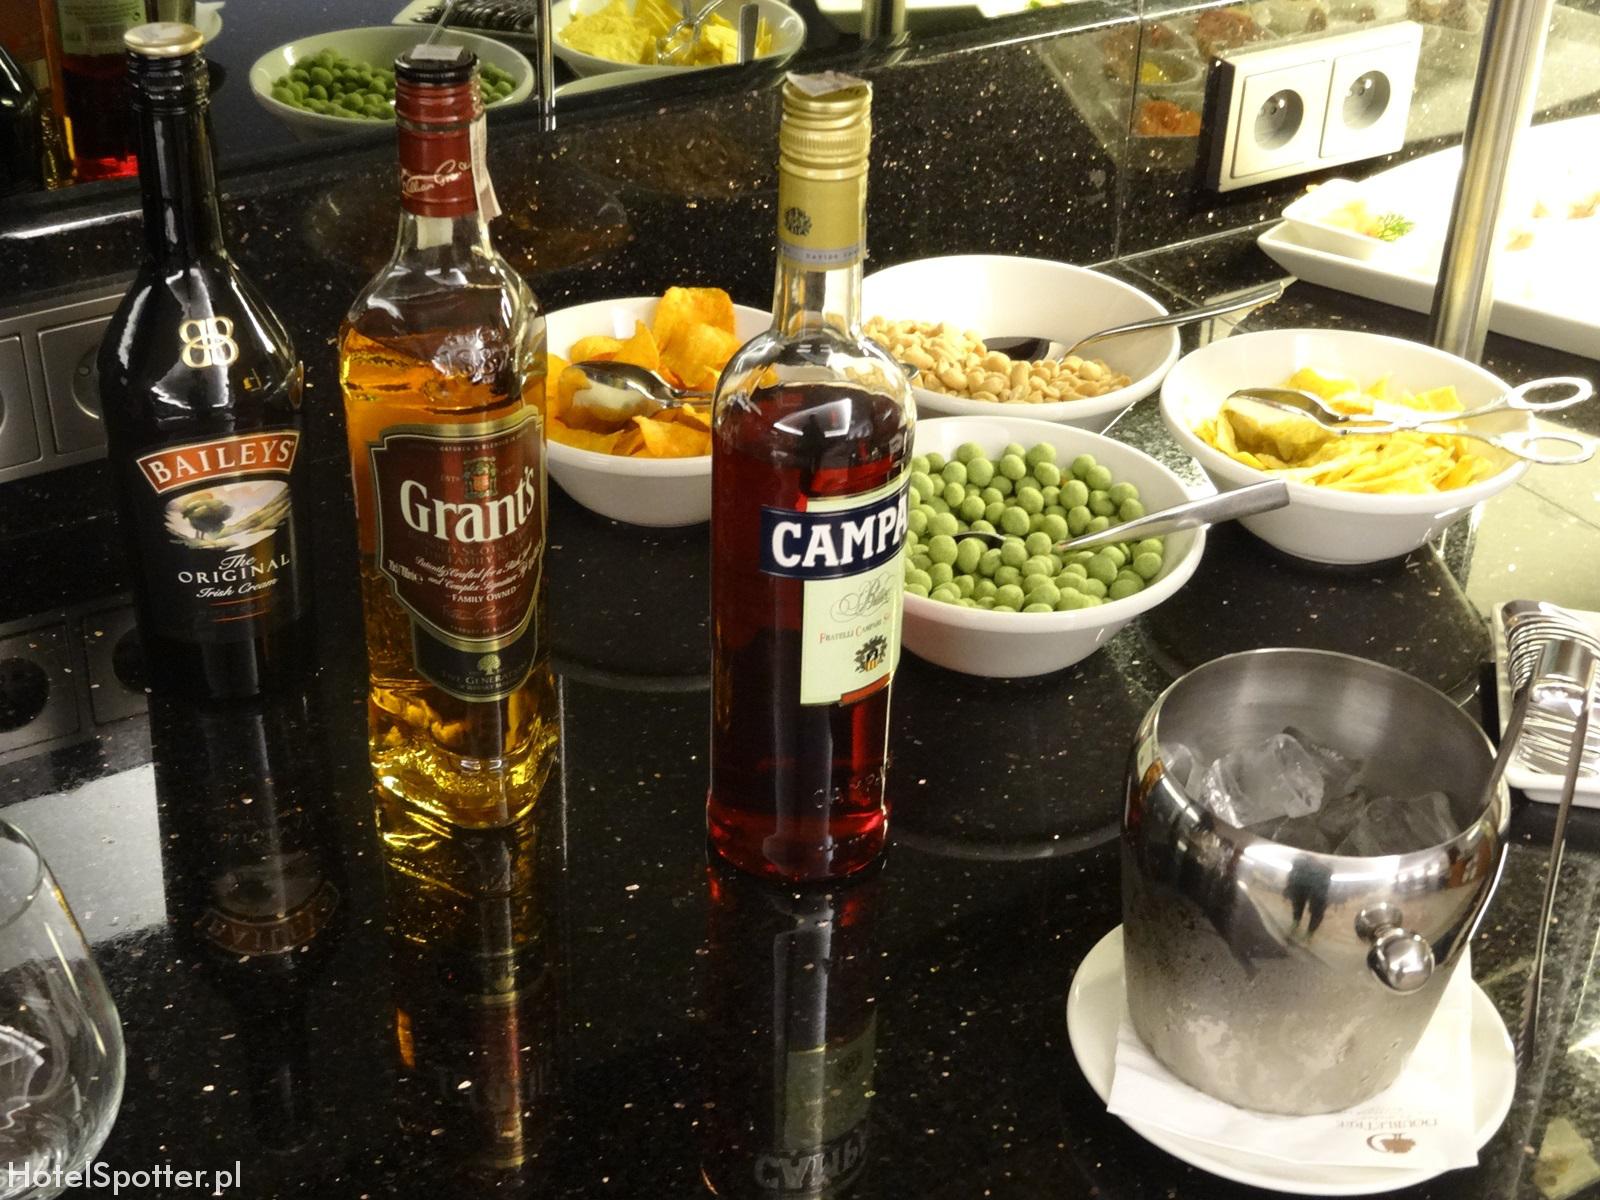 Salonik Executive Lounge w DoubleTree by Hilton Warsaw - mocne alkohole